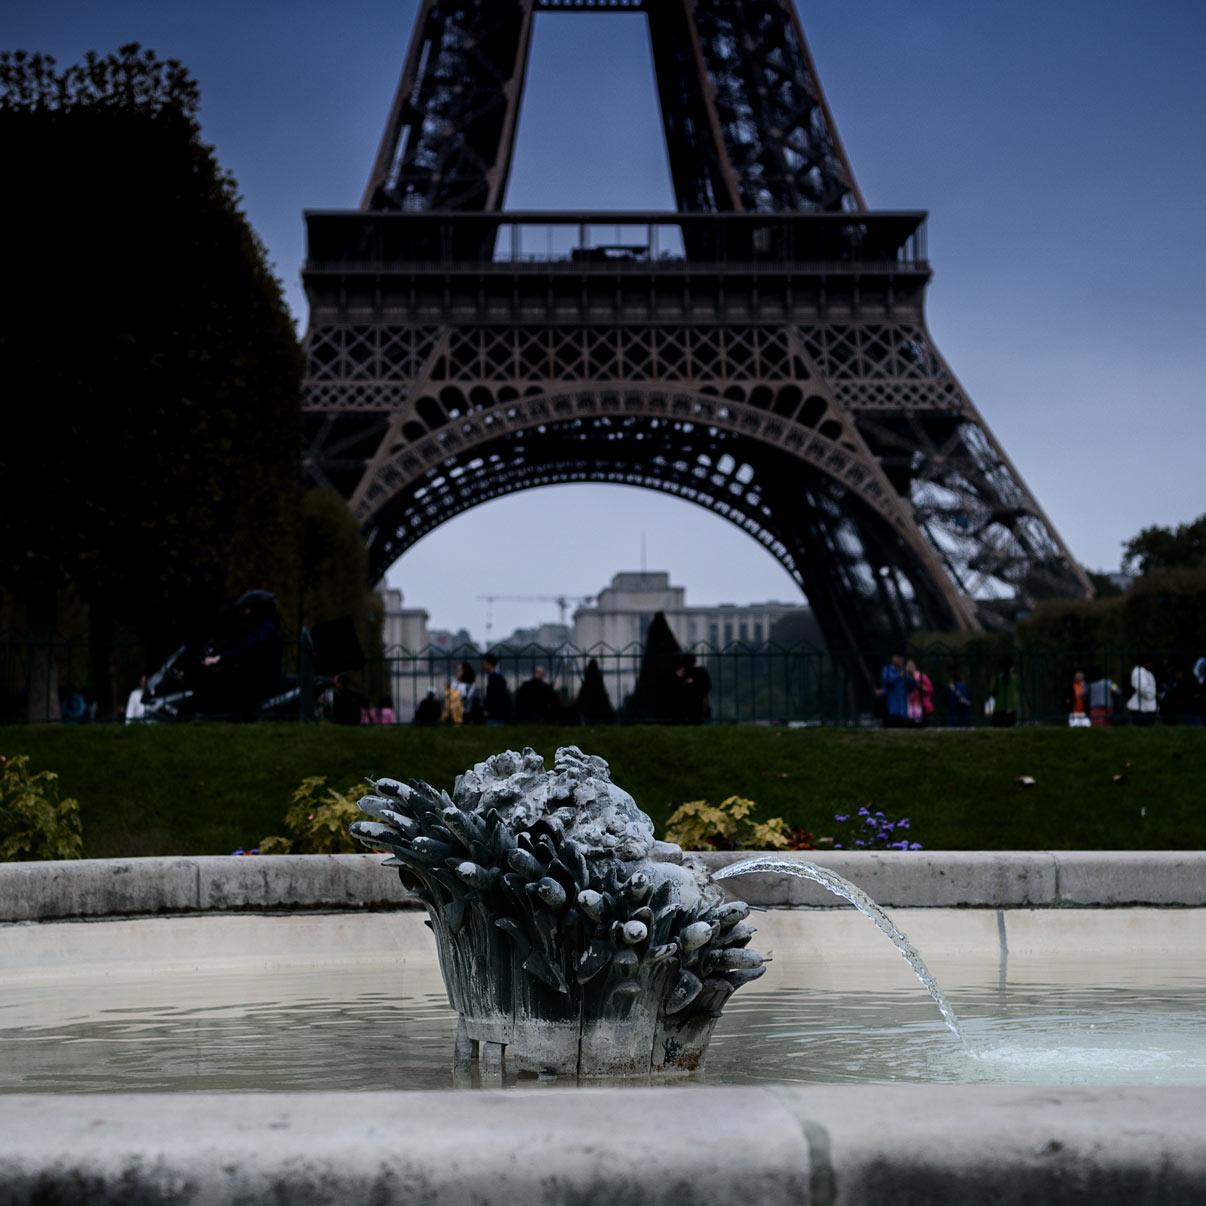 EIFFEL TOWER FOUNTAIN - PARIS